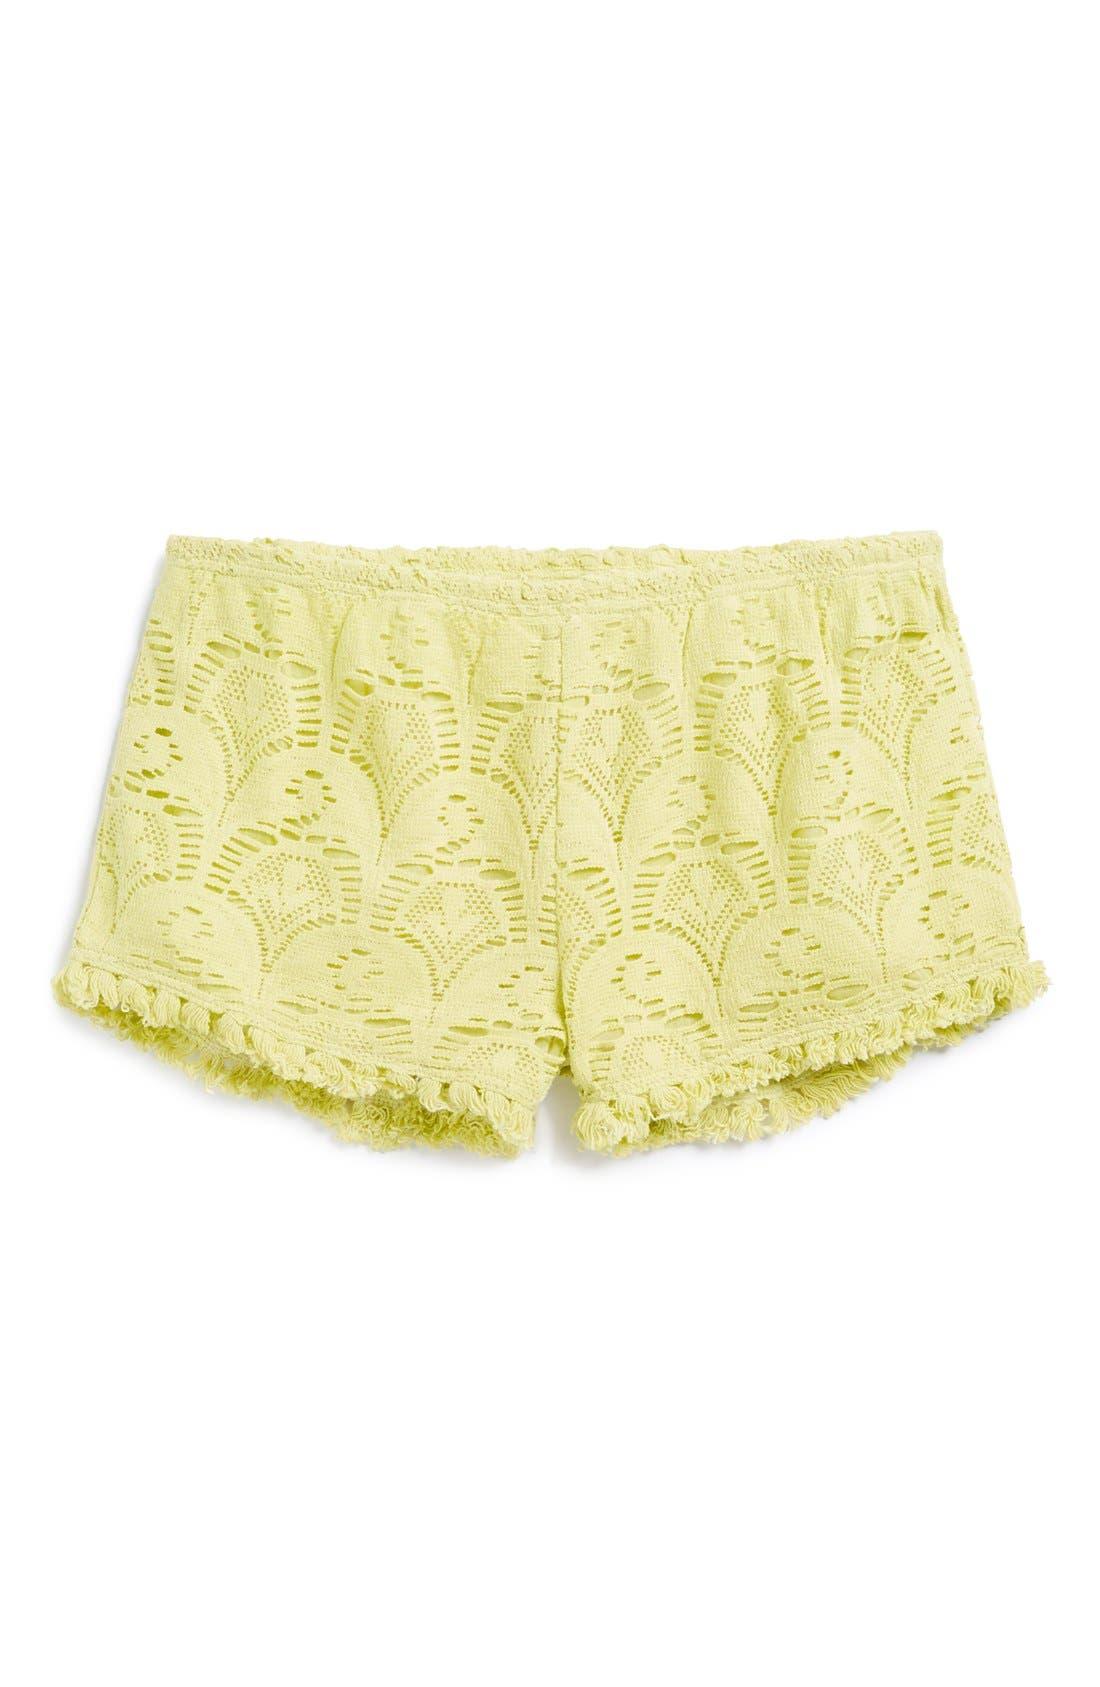 Alternate Image 1 Selected - Billabong Lace Shorts (Big Girls)